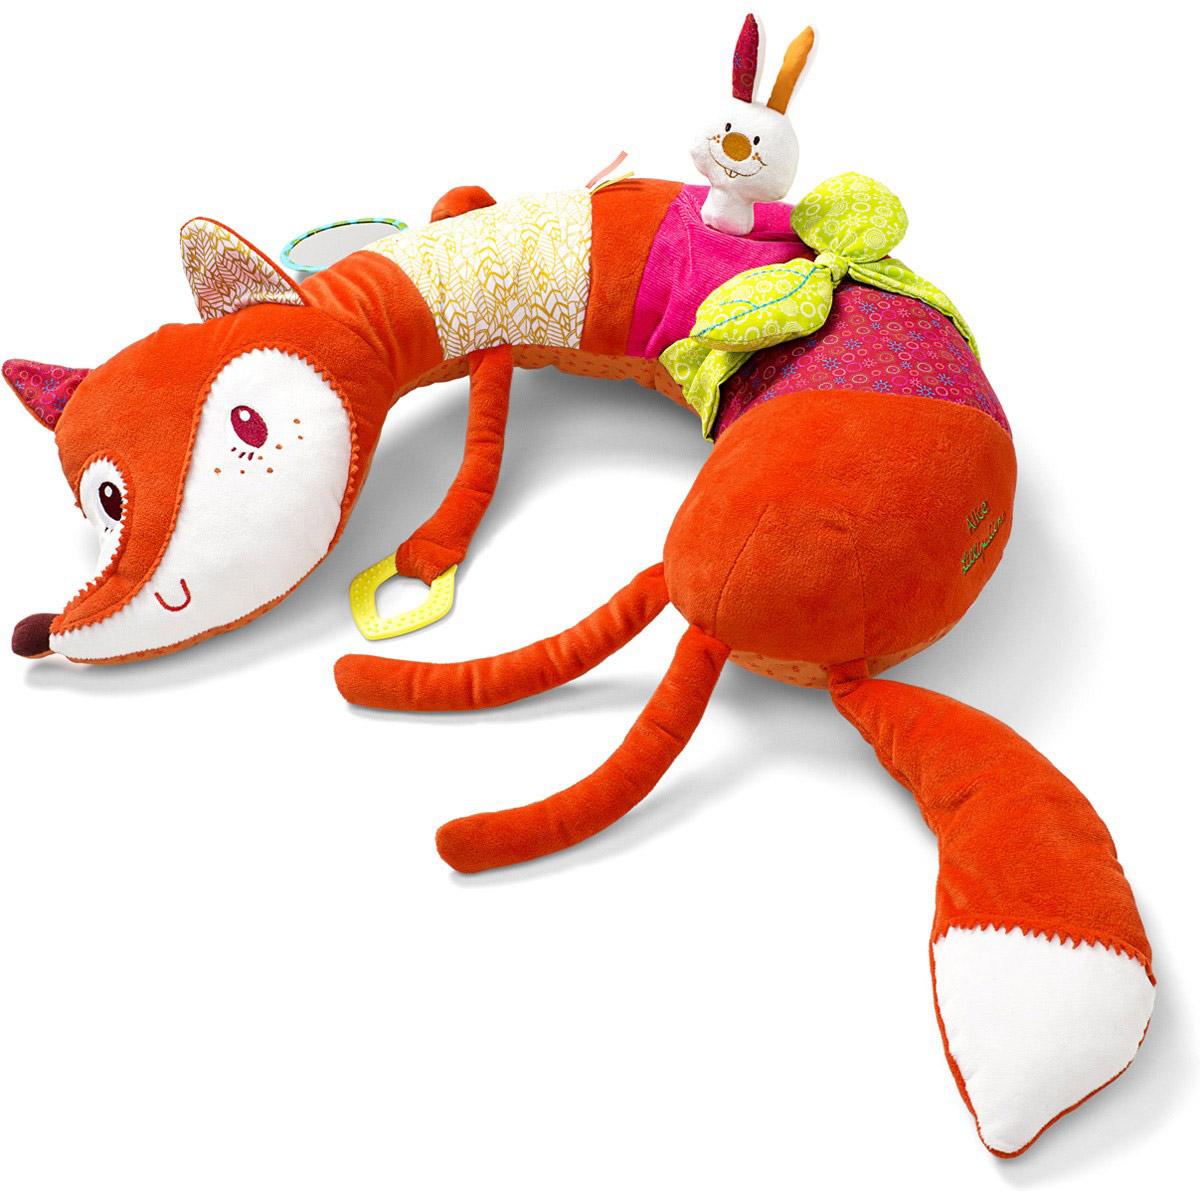 Lilliputiens Развивающая игрушка Лиса Алиса86608Развивающая игрушка Lilliputiens Лиса Алиса - это мягкая и красочная игрушка для вашего малыша. Не важно, сидит малыш или лежит, с лисой Алисой ему будет везде удобно. Она полна сюрпризов: звуки шелеста бумаги, пищалка, колокольчик, зеркало и прорезыватель. Изготовлена игрушка из высококачественных материалов, которые не вызывают аллергии. Яркая цветовая гамма положительно влияет на зрительный аппарат ребенка. Умилительный дизайн игрушки очаровывает с первого взгляда не только детей, но и их родителей. Продуманный внешний вид, состав материалов и развивающие элементы делают игрушку действительно уникальной. С этой симпатичной лисичкой малыш точно не заскучает!